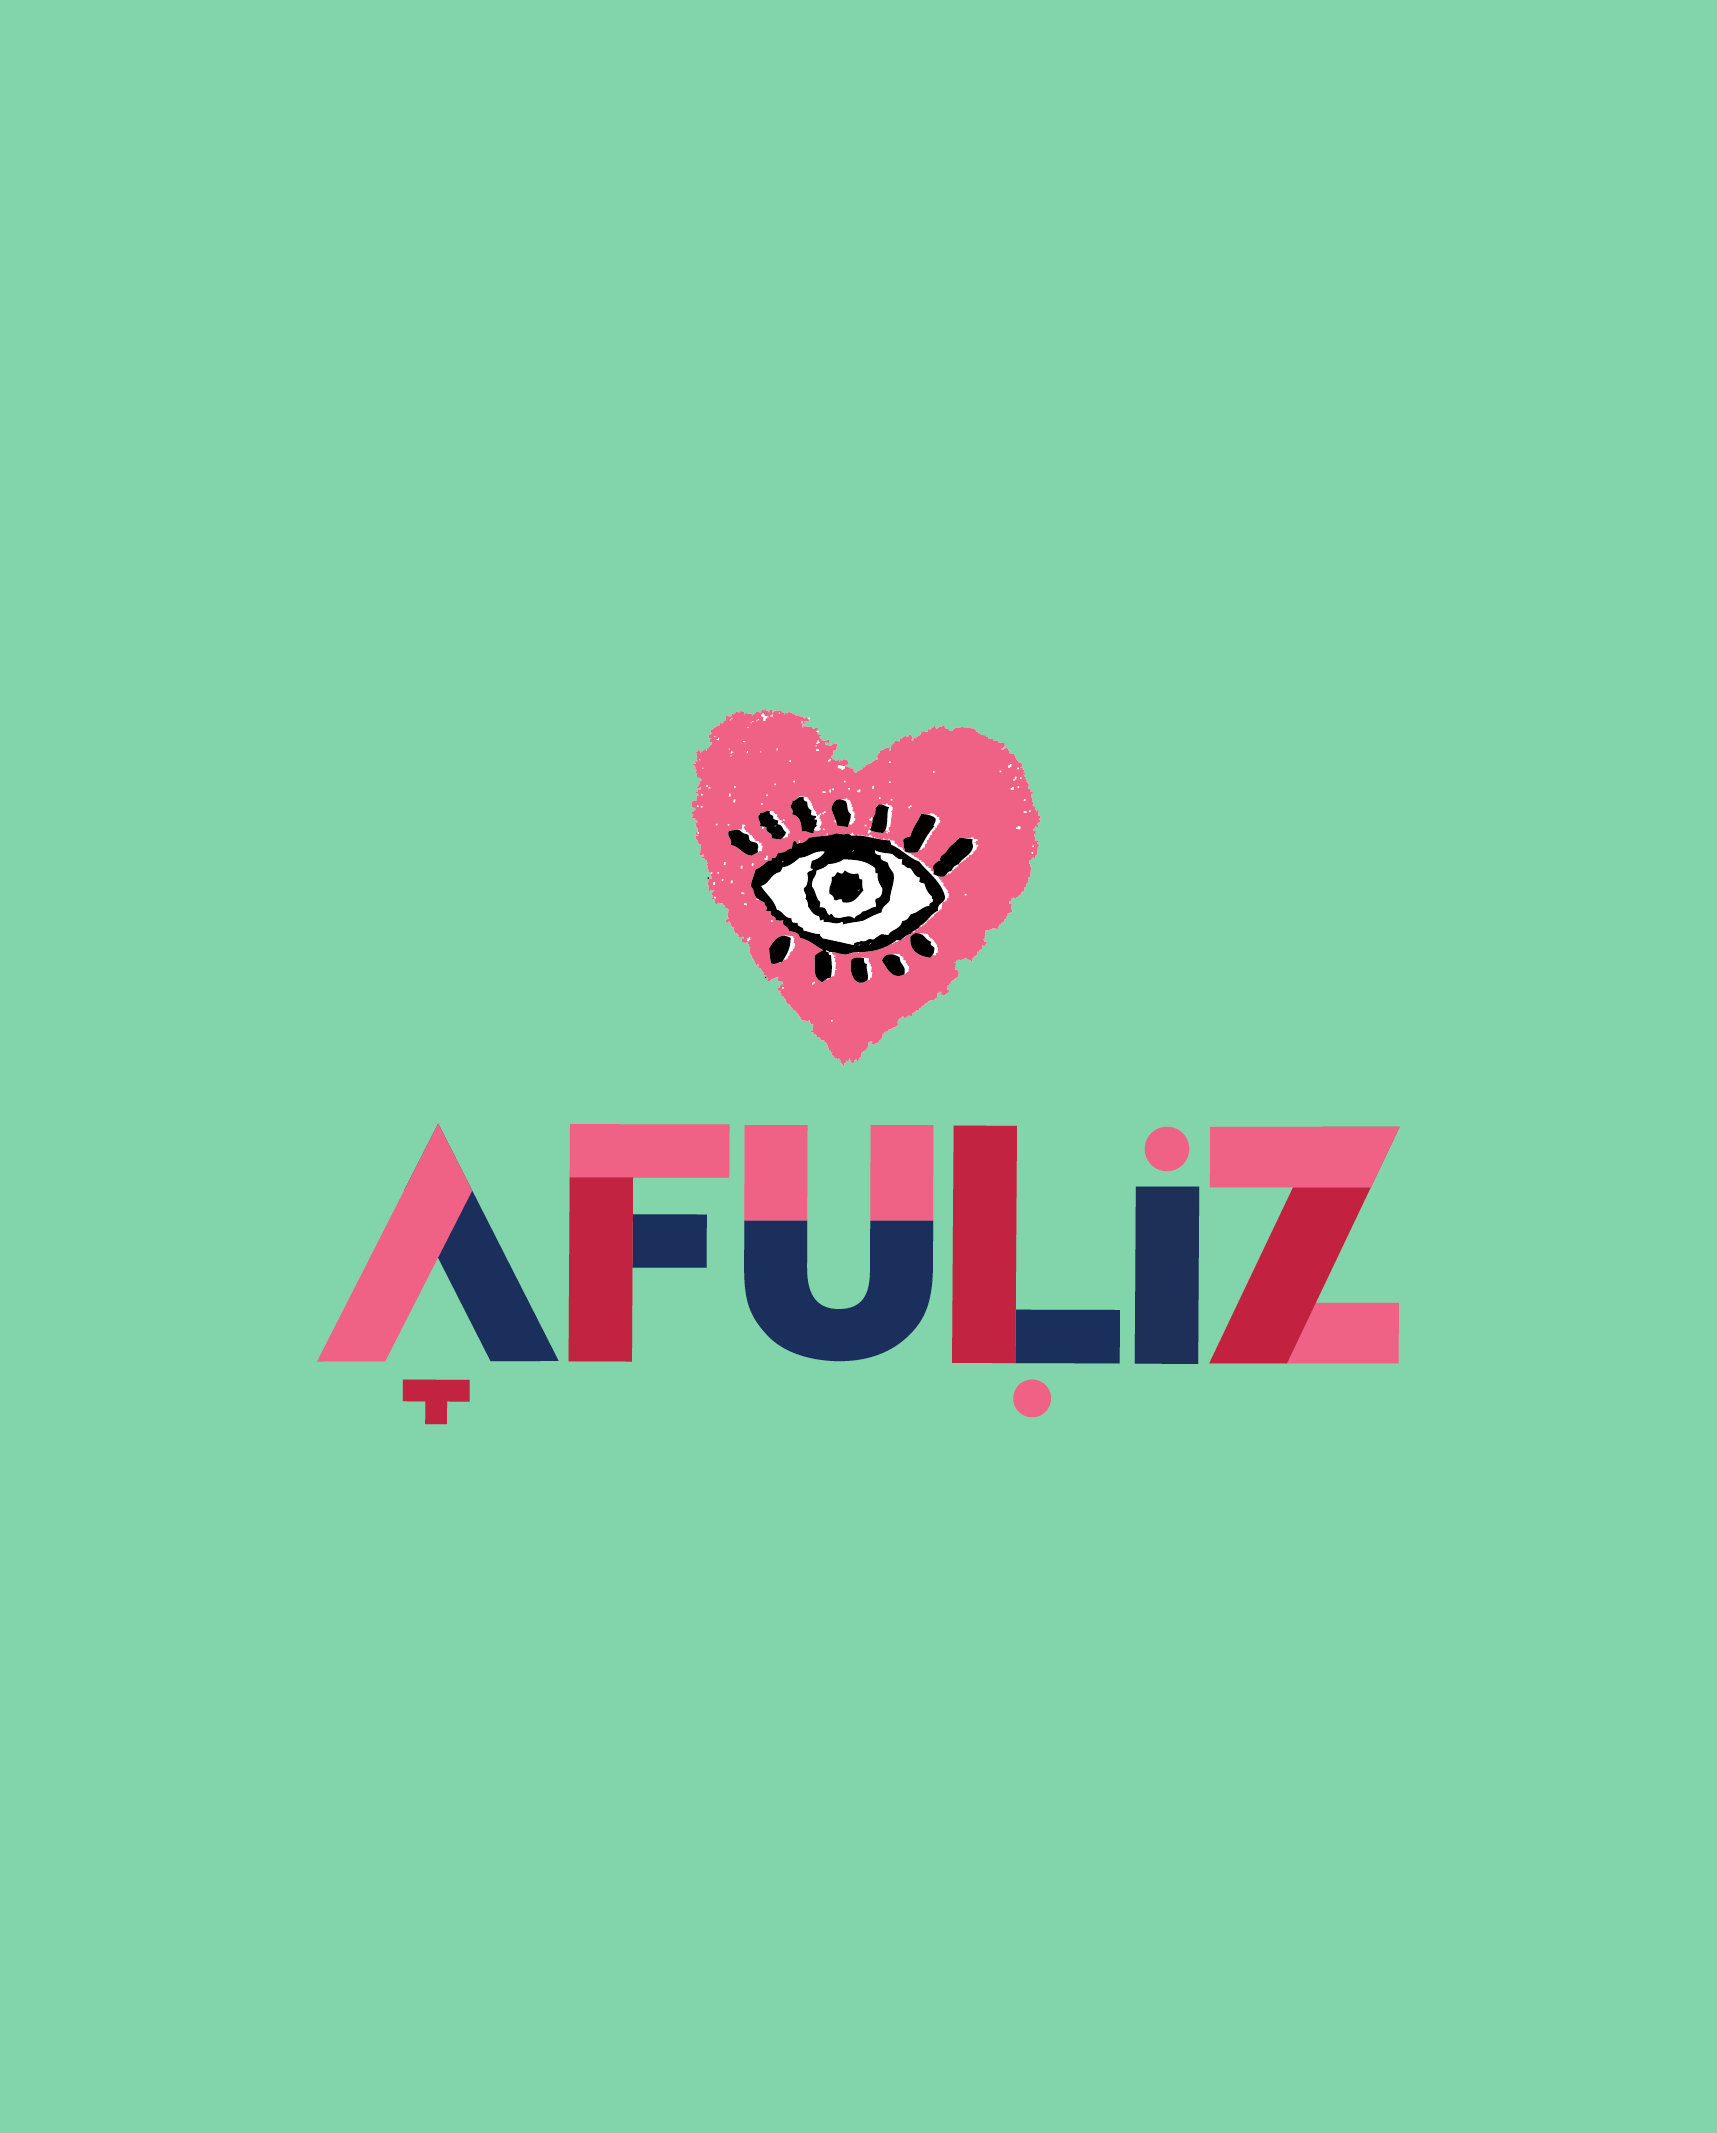 AFULIZ